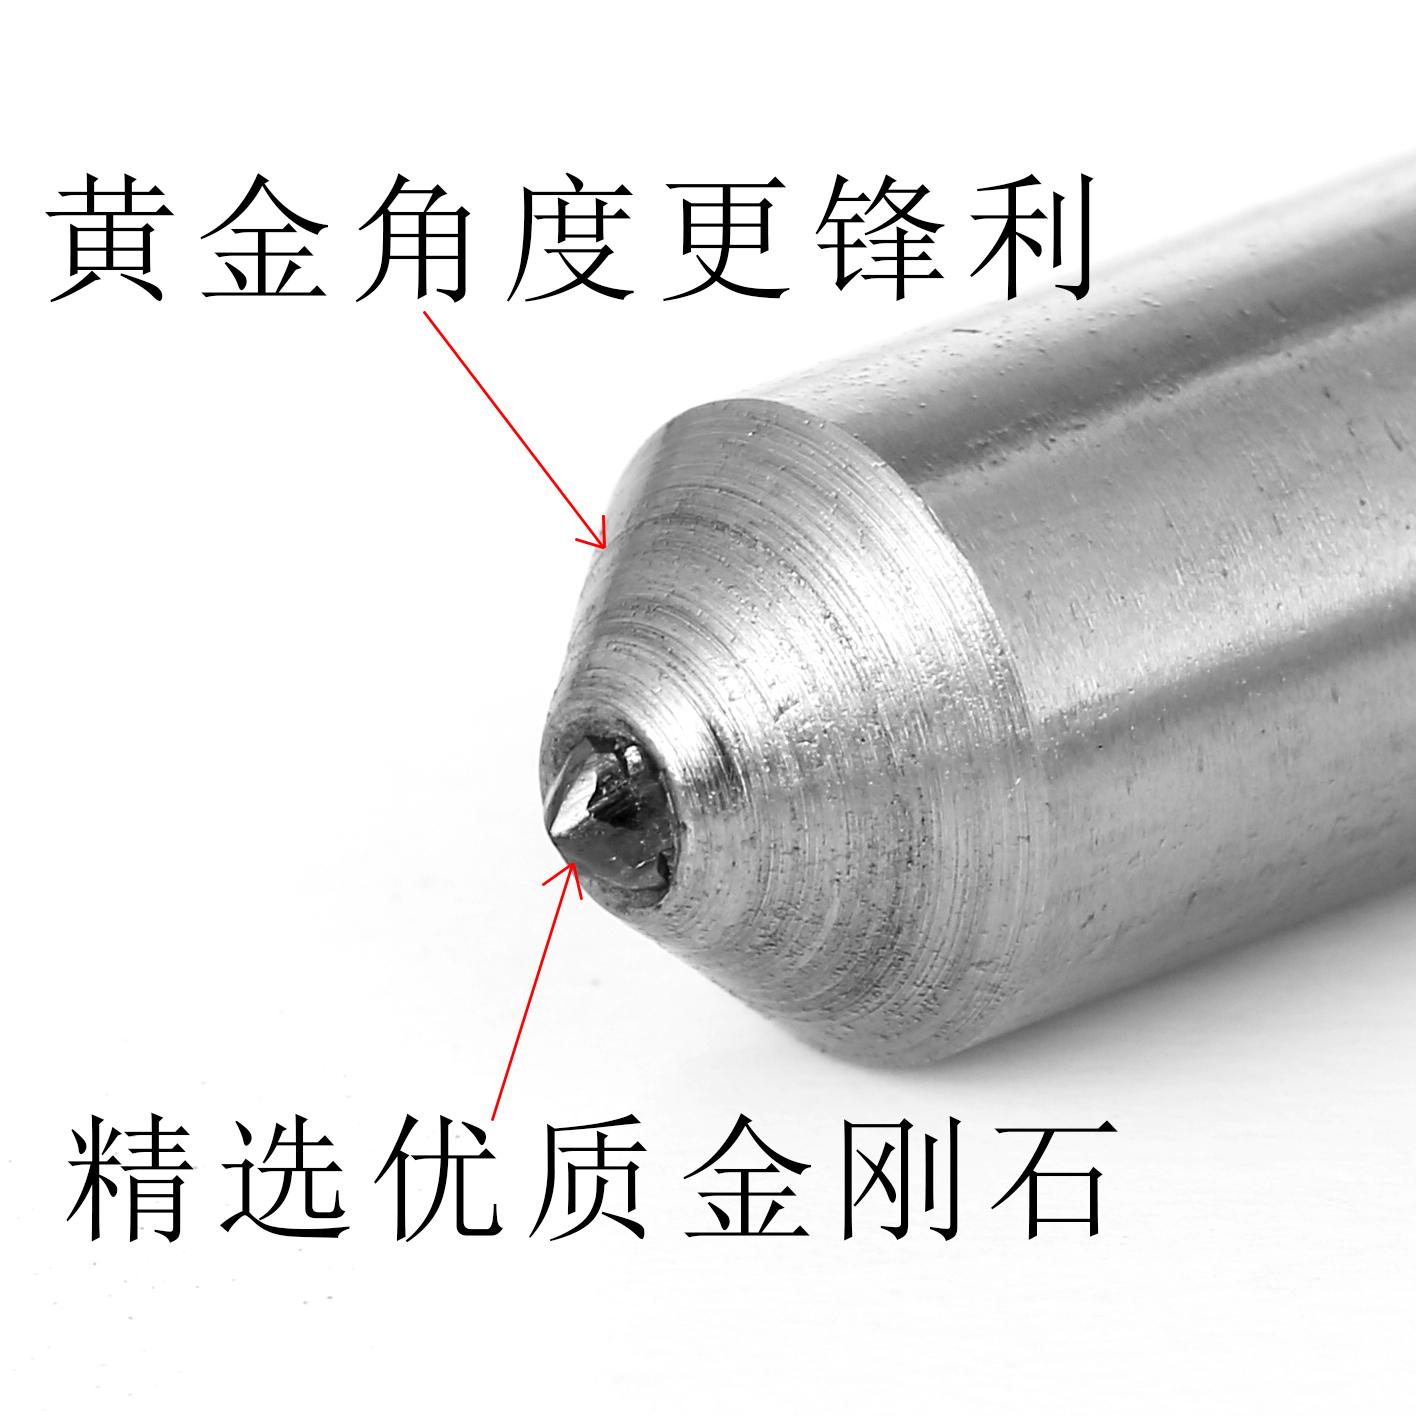 La rueda de un diamante de diamante vistiendo sólo un diamante de shangguan pizarrines cómoda Molinillo de King Kong